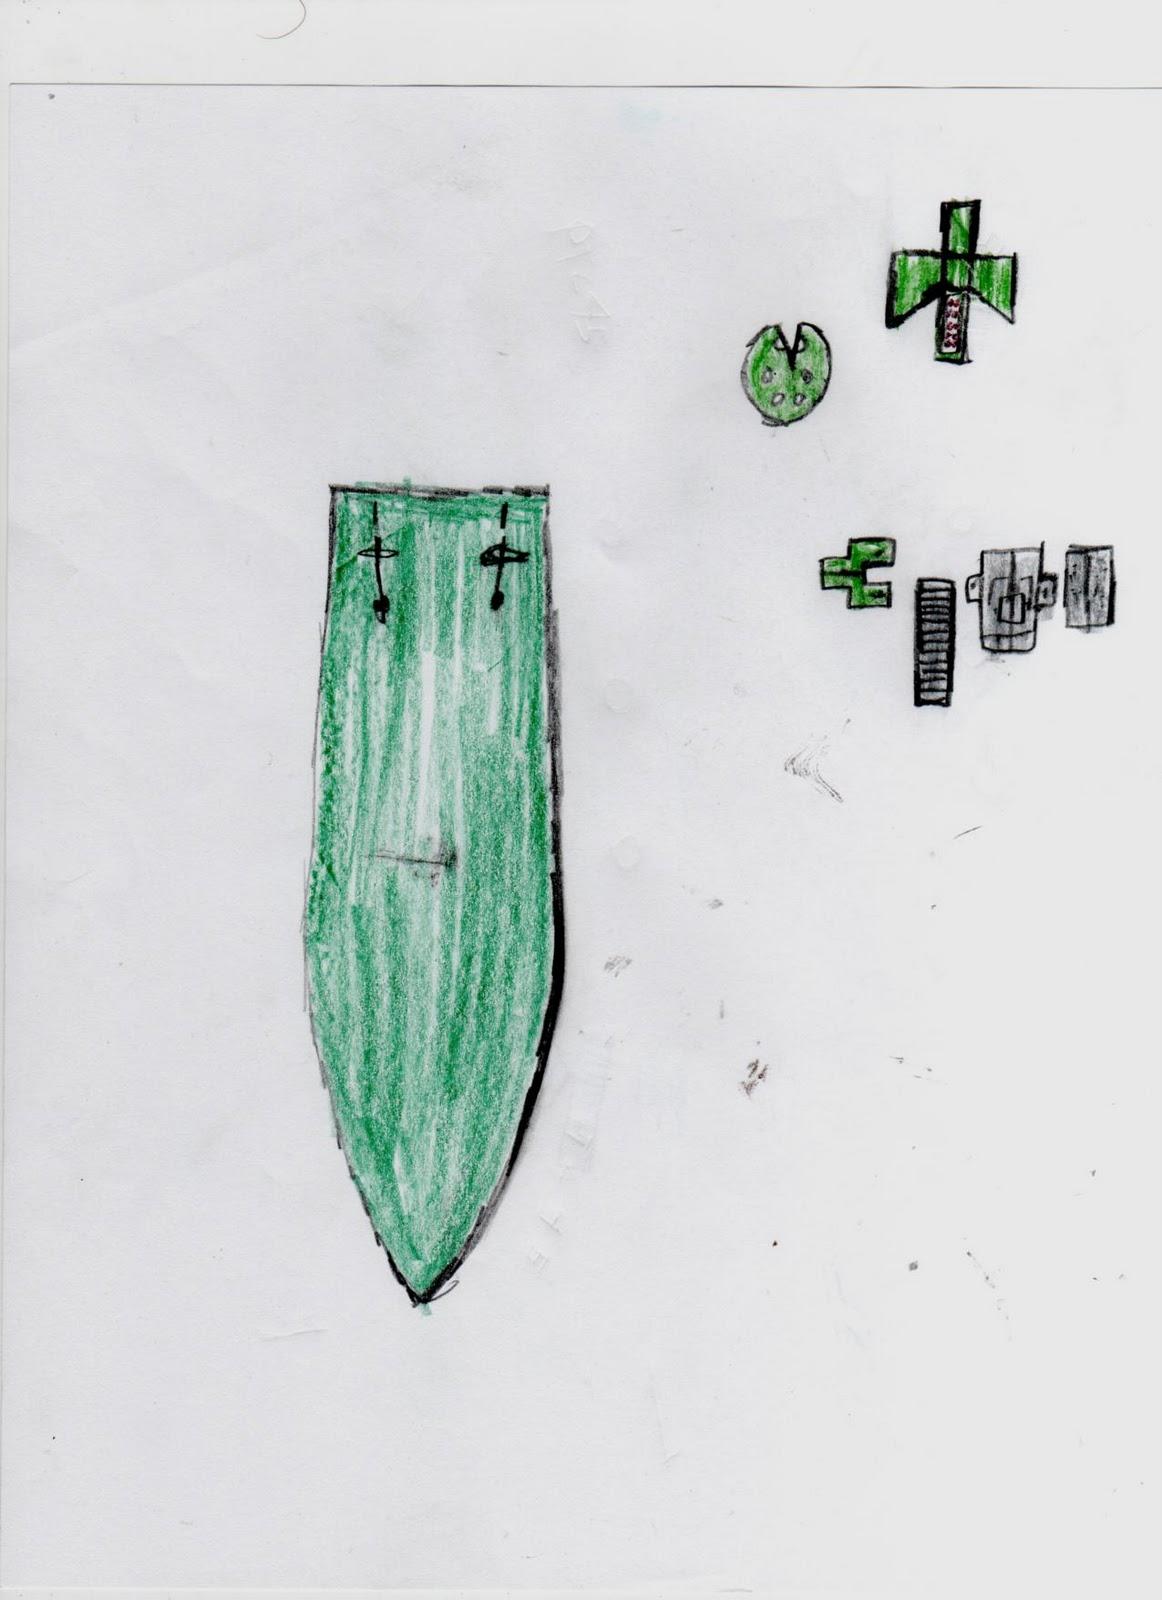 http://4.bp.blogspot.com/_uDsy_mTHbKQ/TM8yc9RAdbI/AAAAAAAAAQY/kAyFxEG2hA8/s1600/ptc++swift+boat+3.jpg